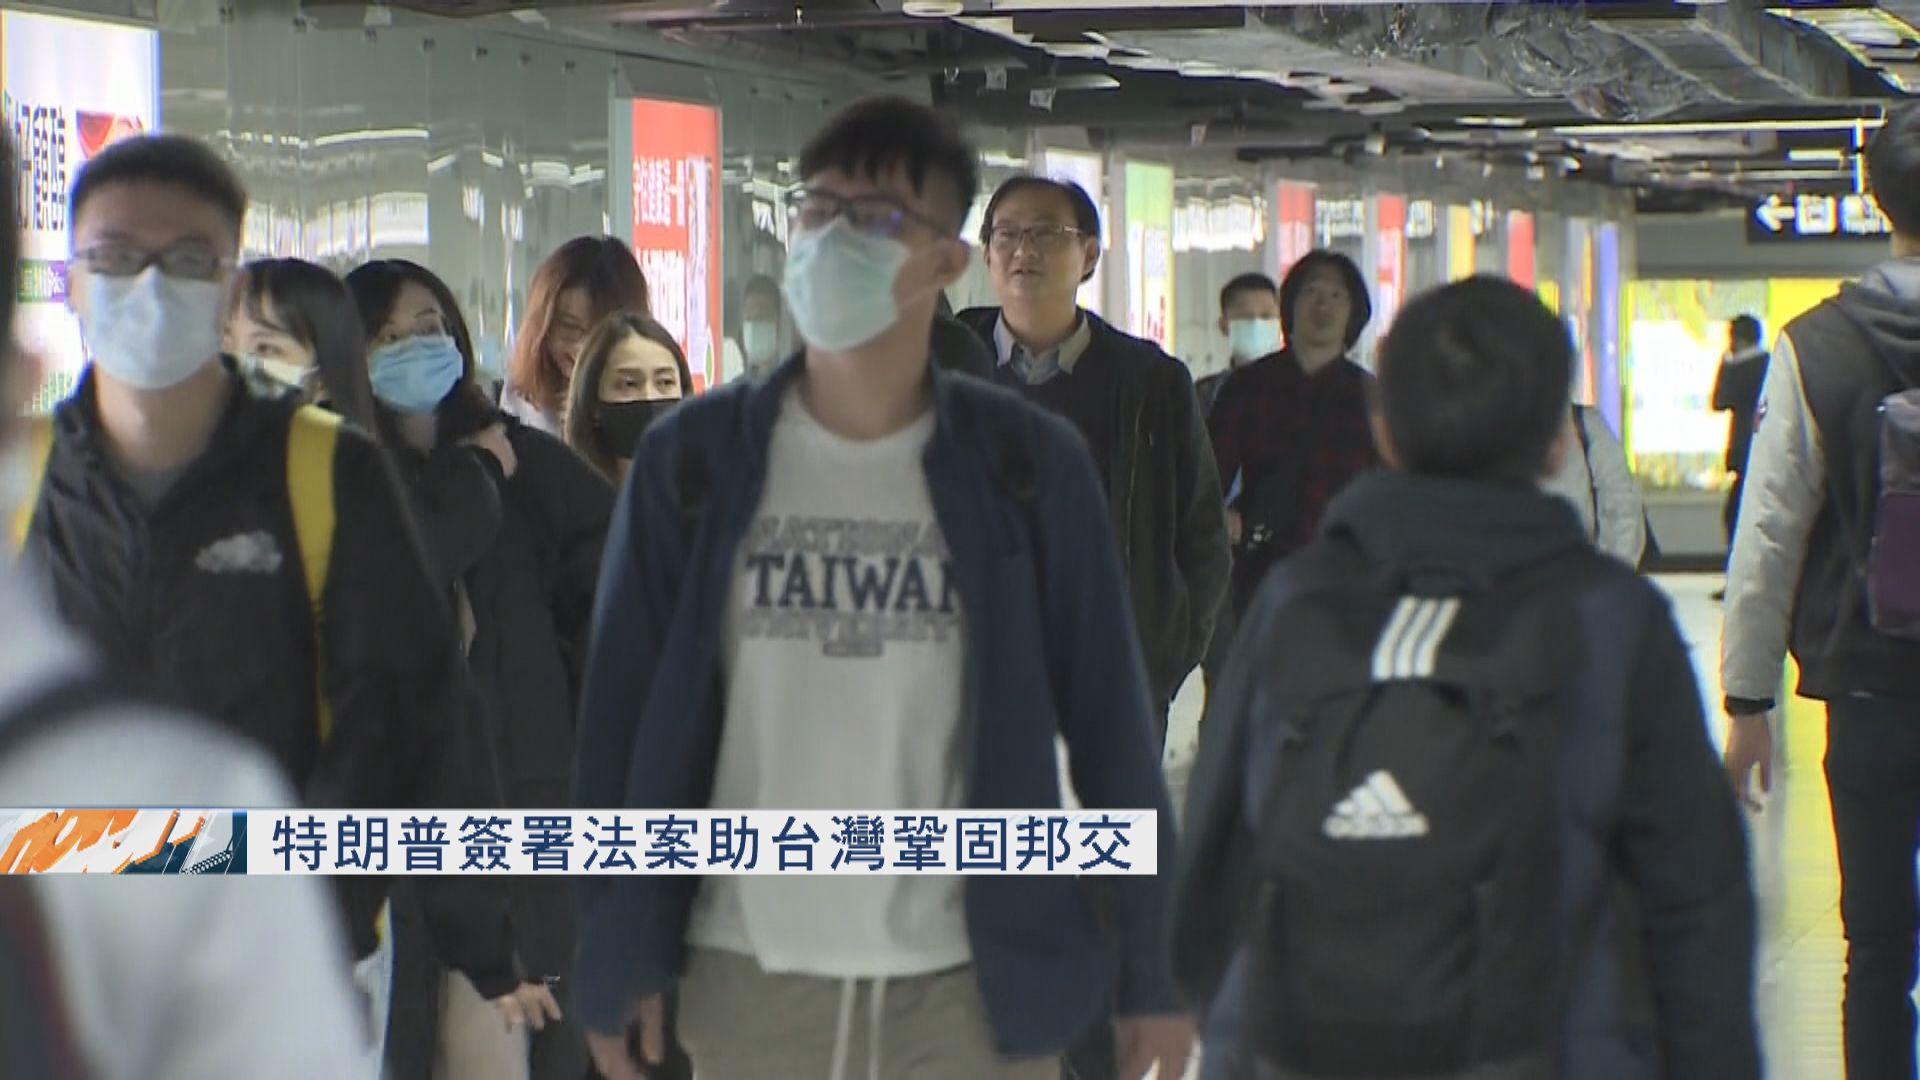 美國或藉疫情提升台灣國際地位 特朗普簽署法案助台灣